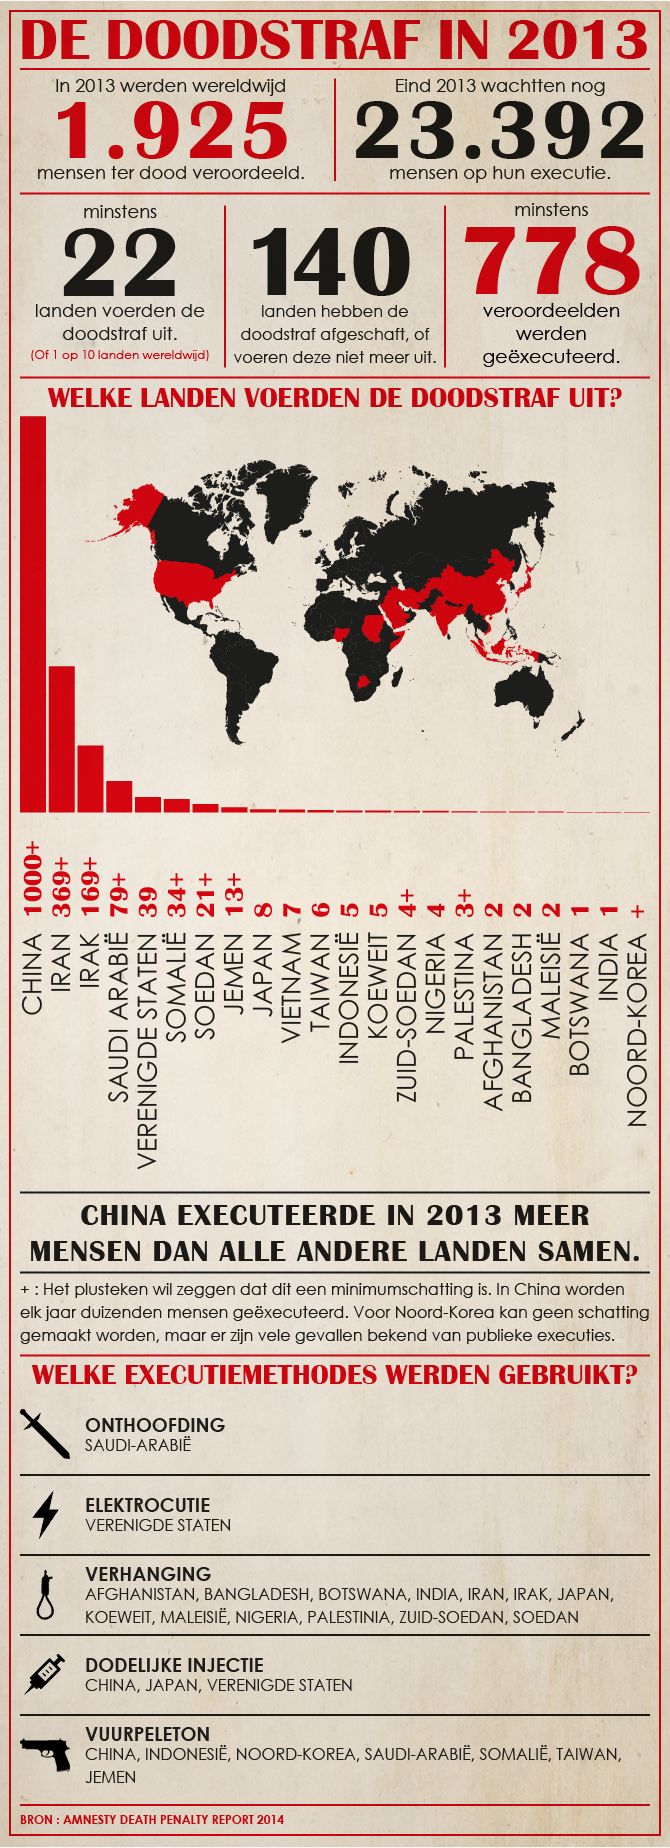 De doodstraf in 2013